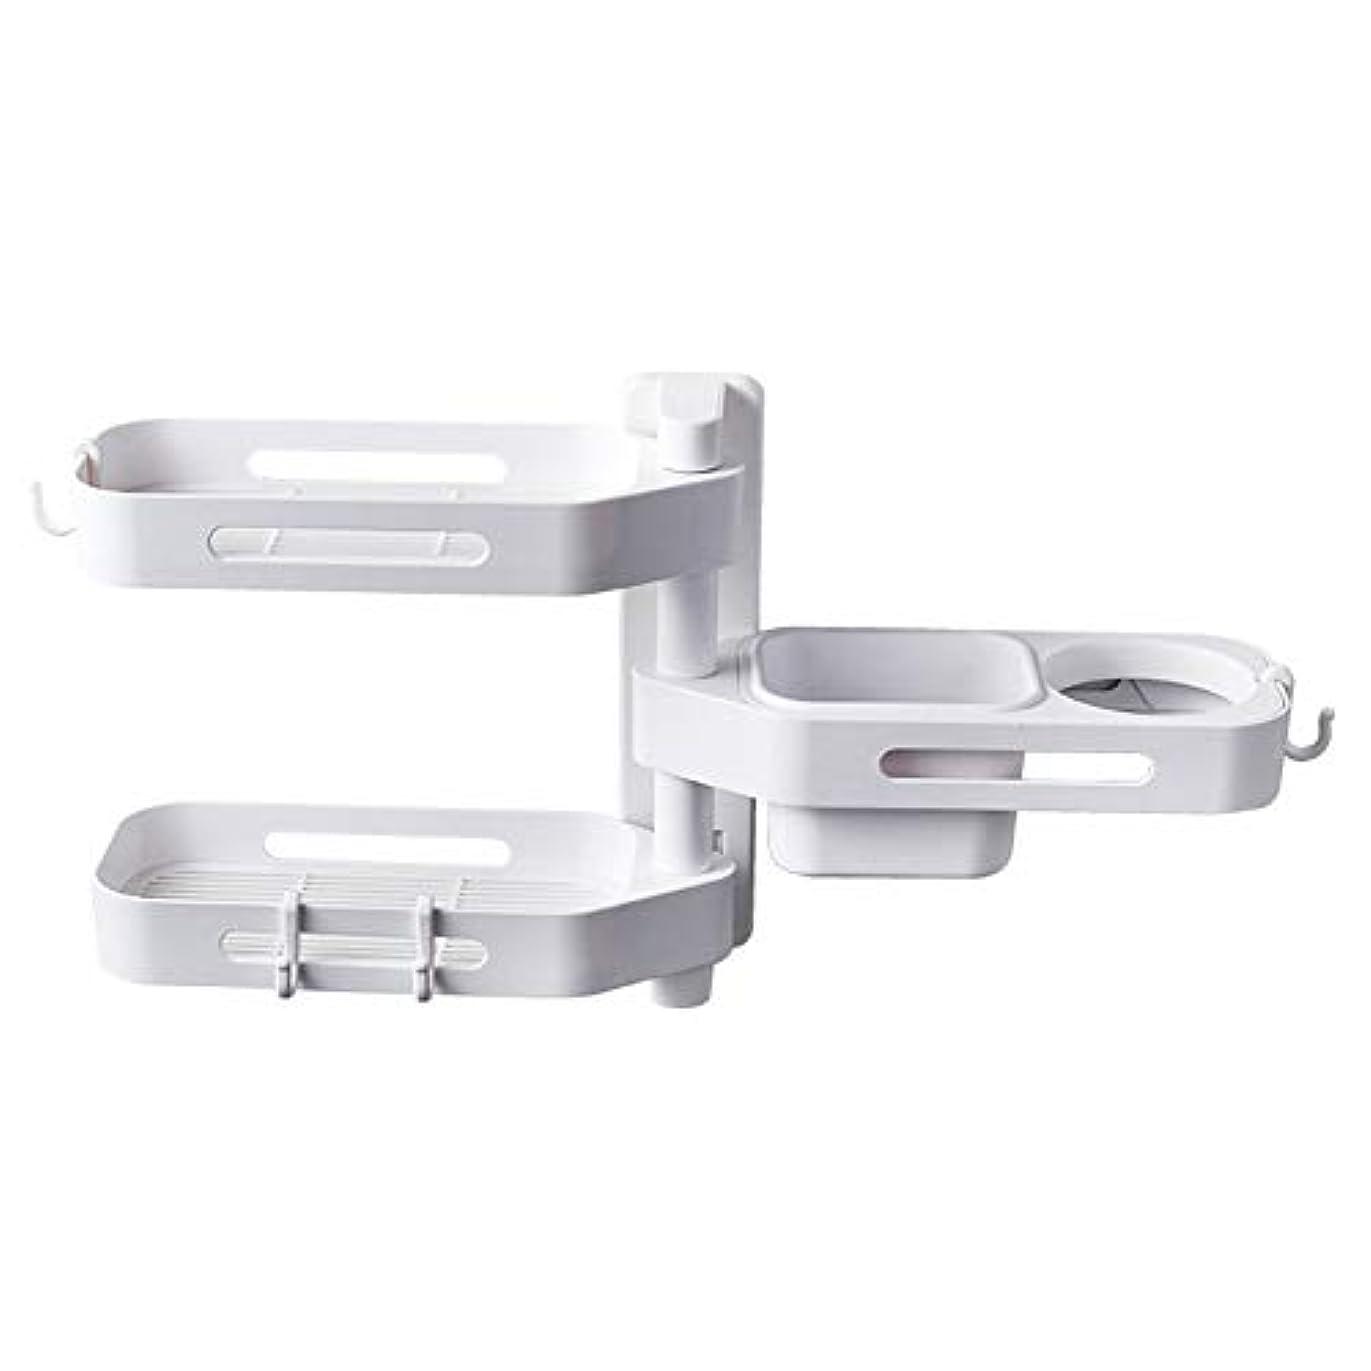 リネン腹バイバイCoolTack 3層ソープトレイプラスチック取り外し可能な収納オーガナイザーを回転させるソープディッシュ接着剤ホルダー